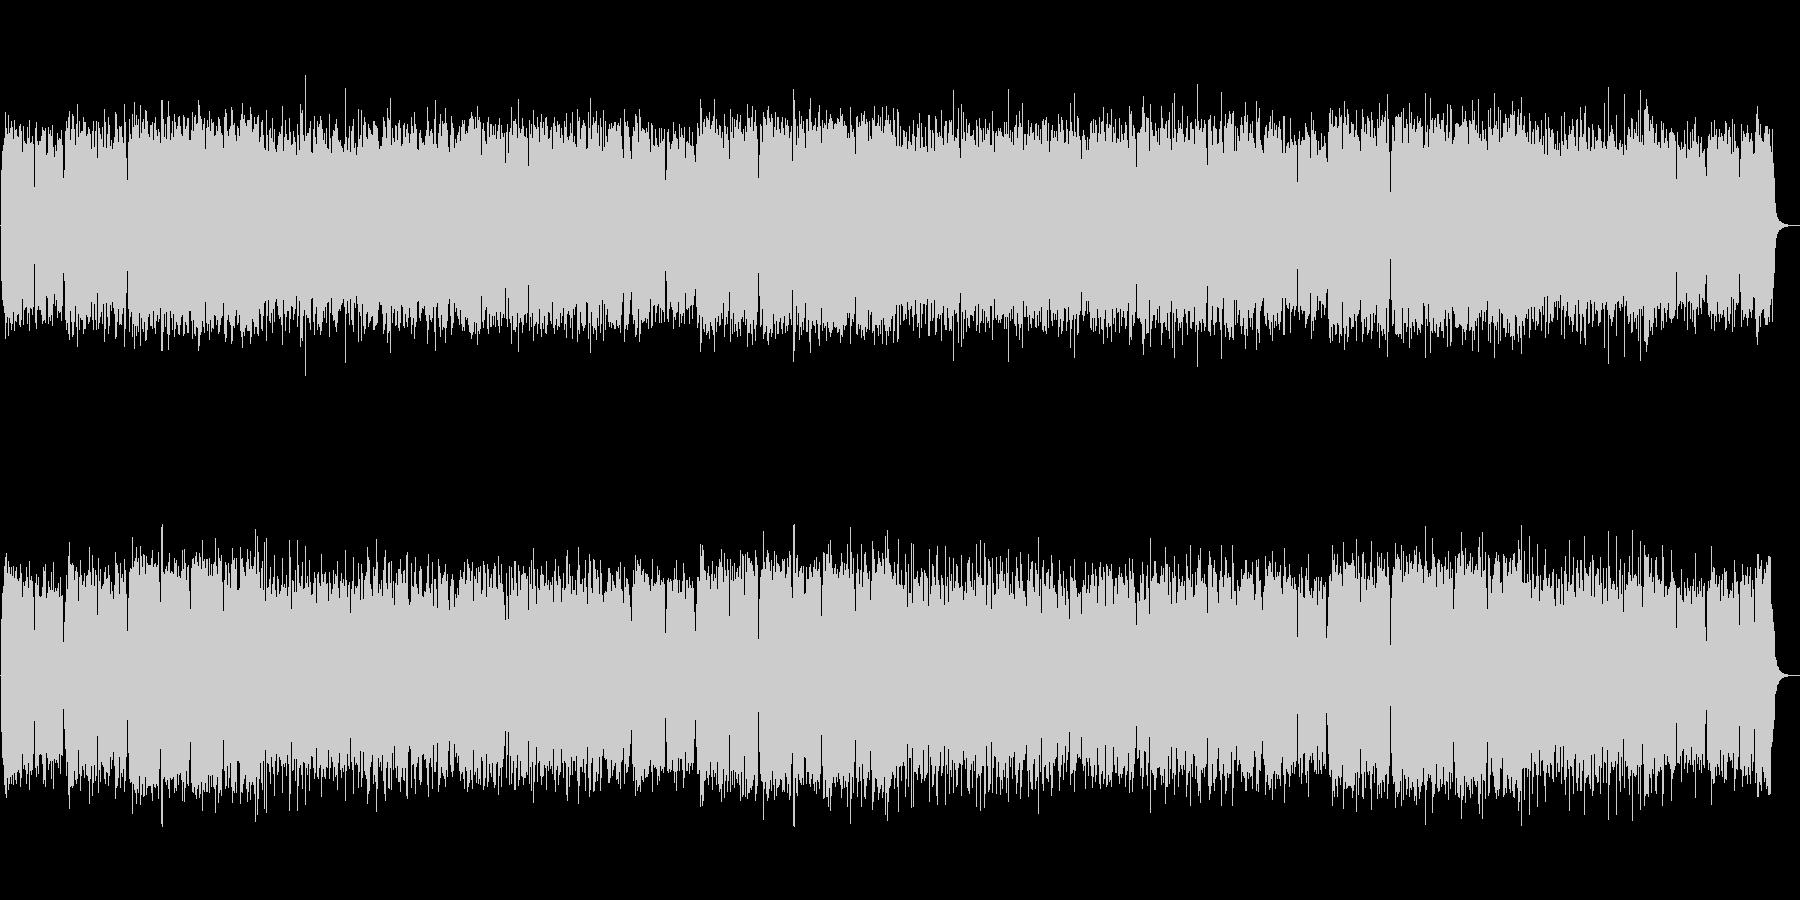 【生録音】和ロック・篠笛・疾走感の未再生の波形